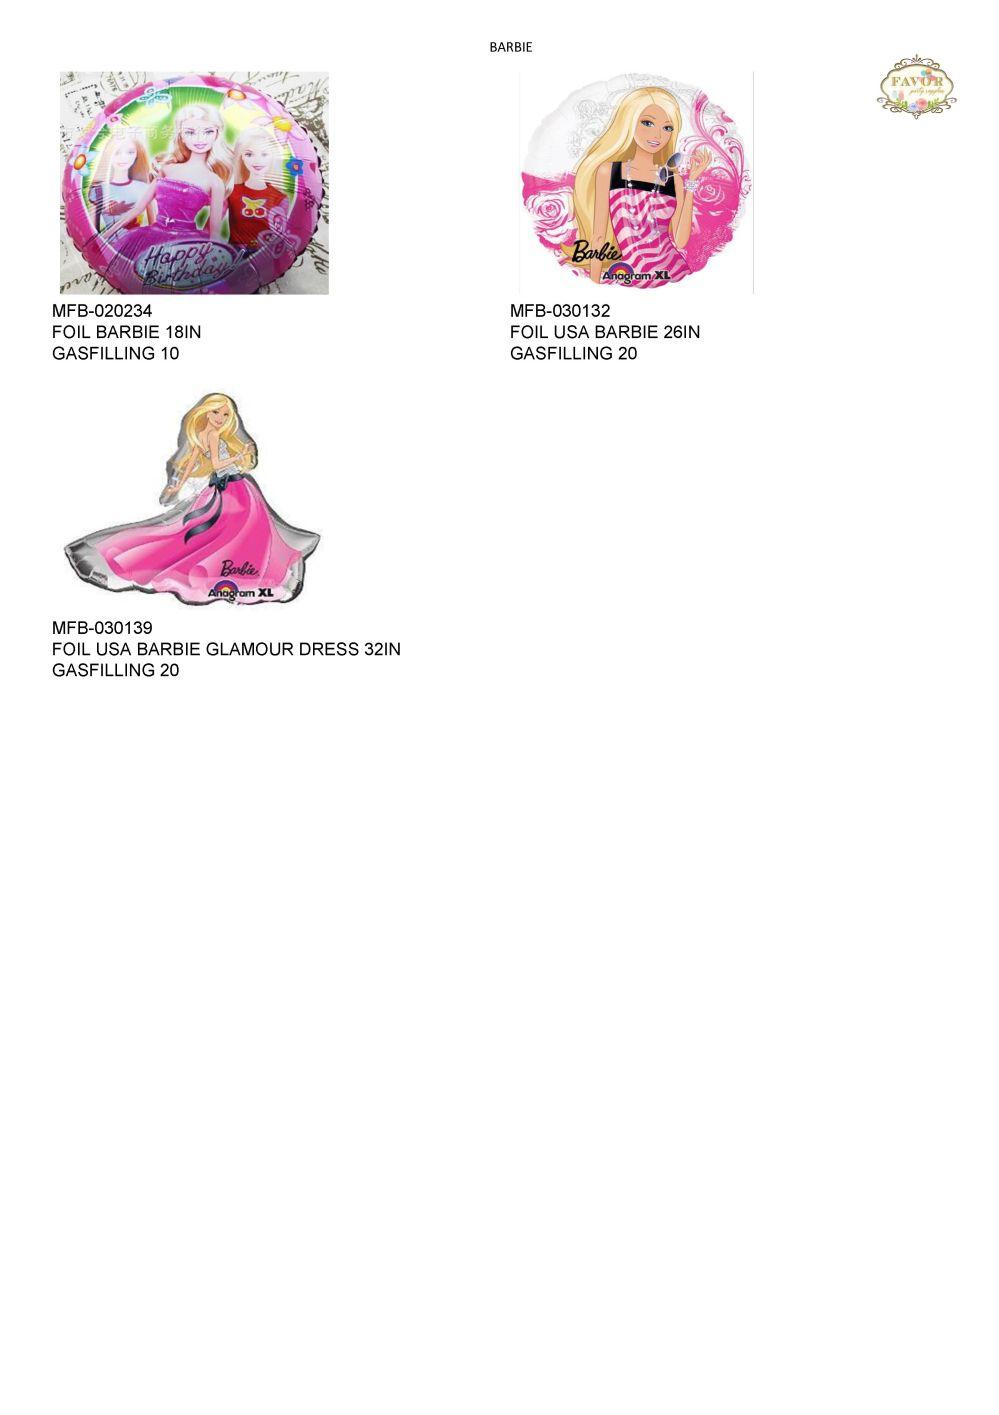 katalog barbie.jpg